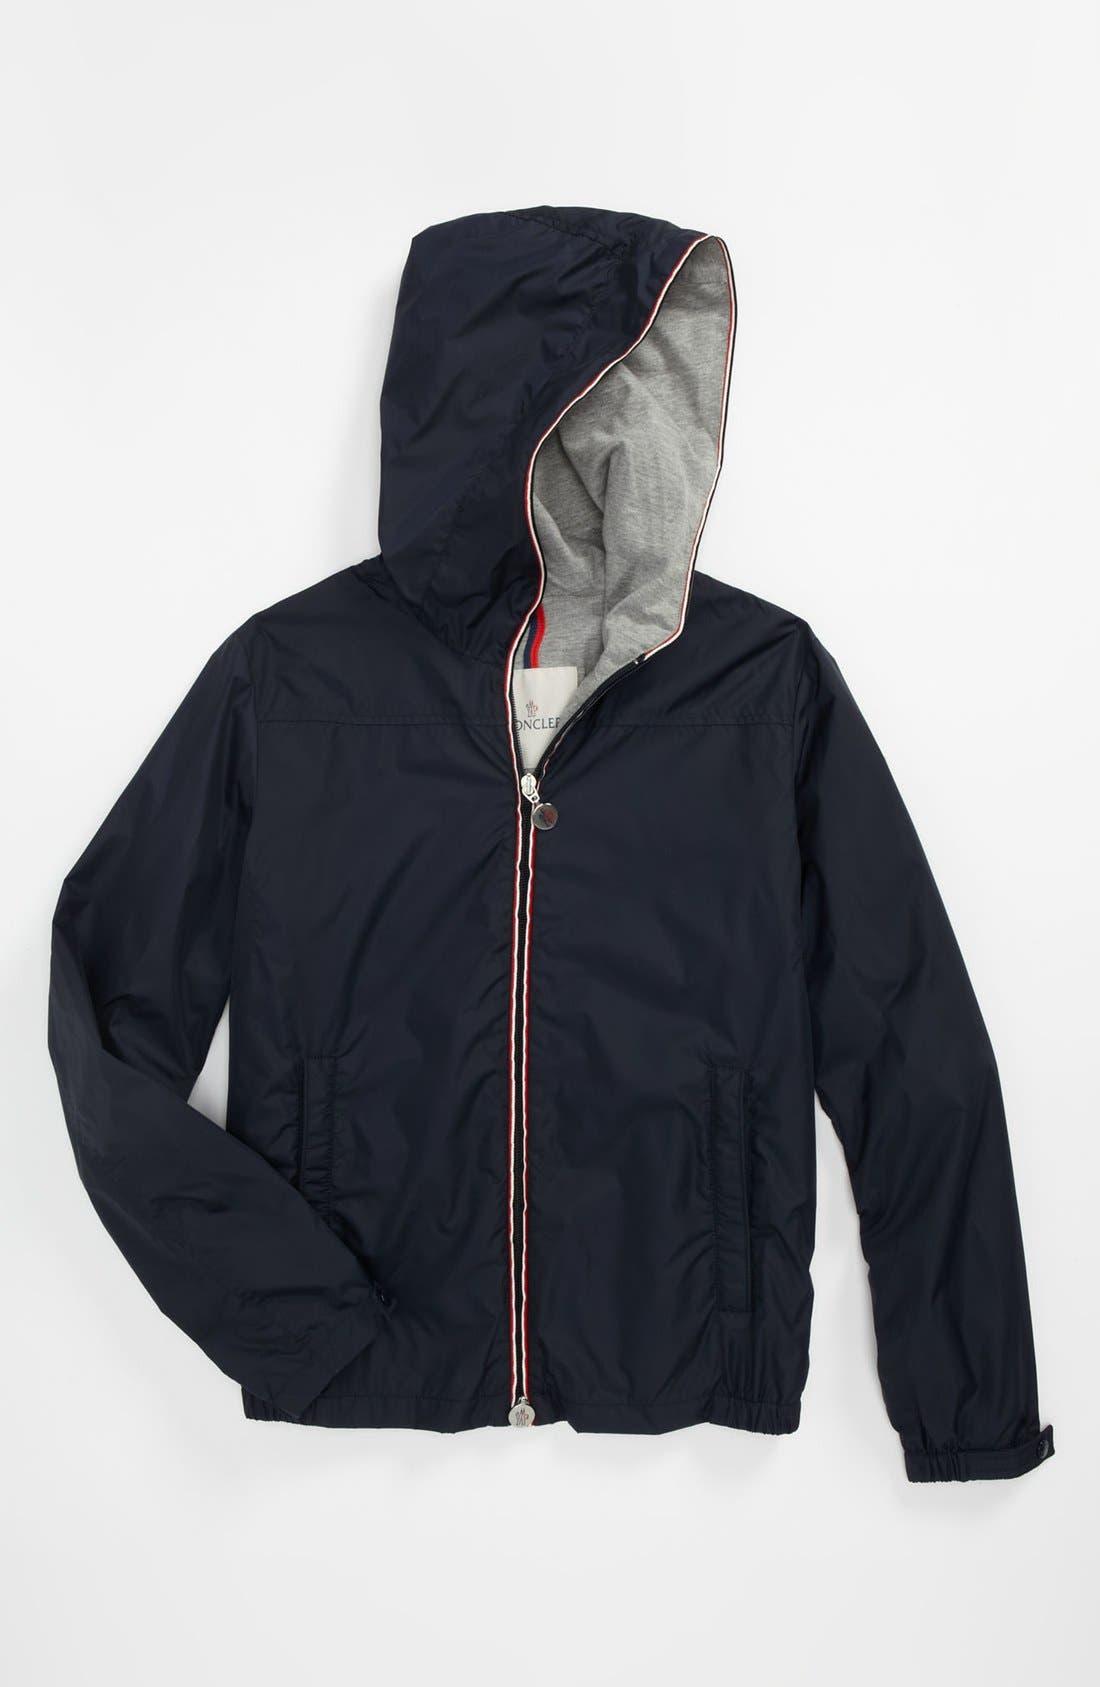 Main Image - Moncler 'Urville' Jacket (Toddler, Little Boys & Big Boys)